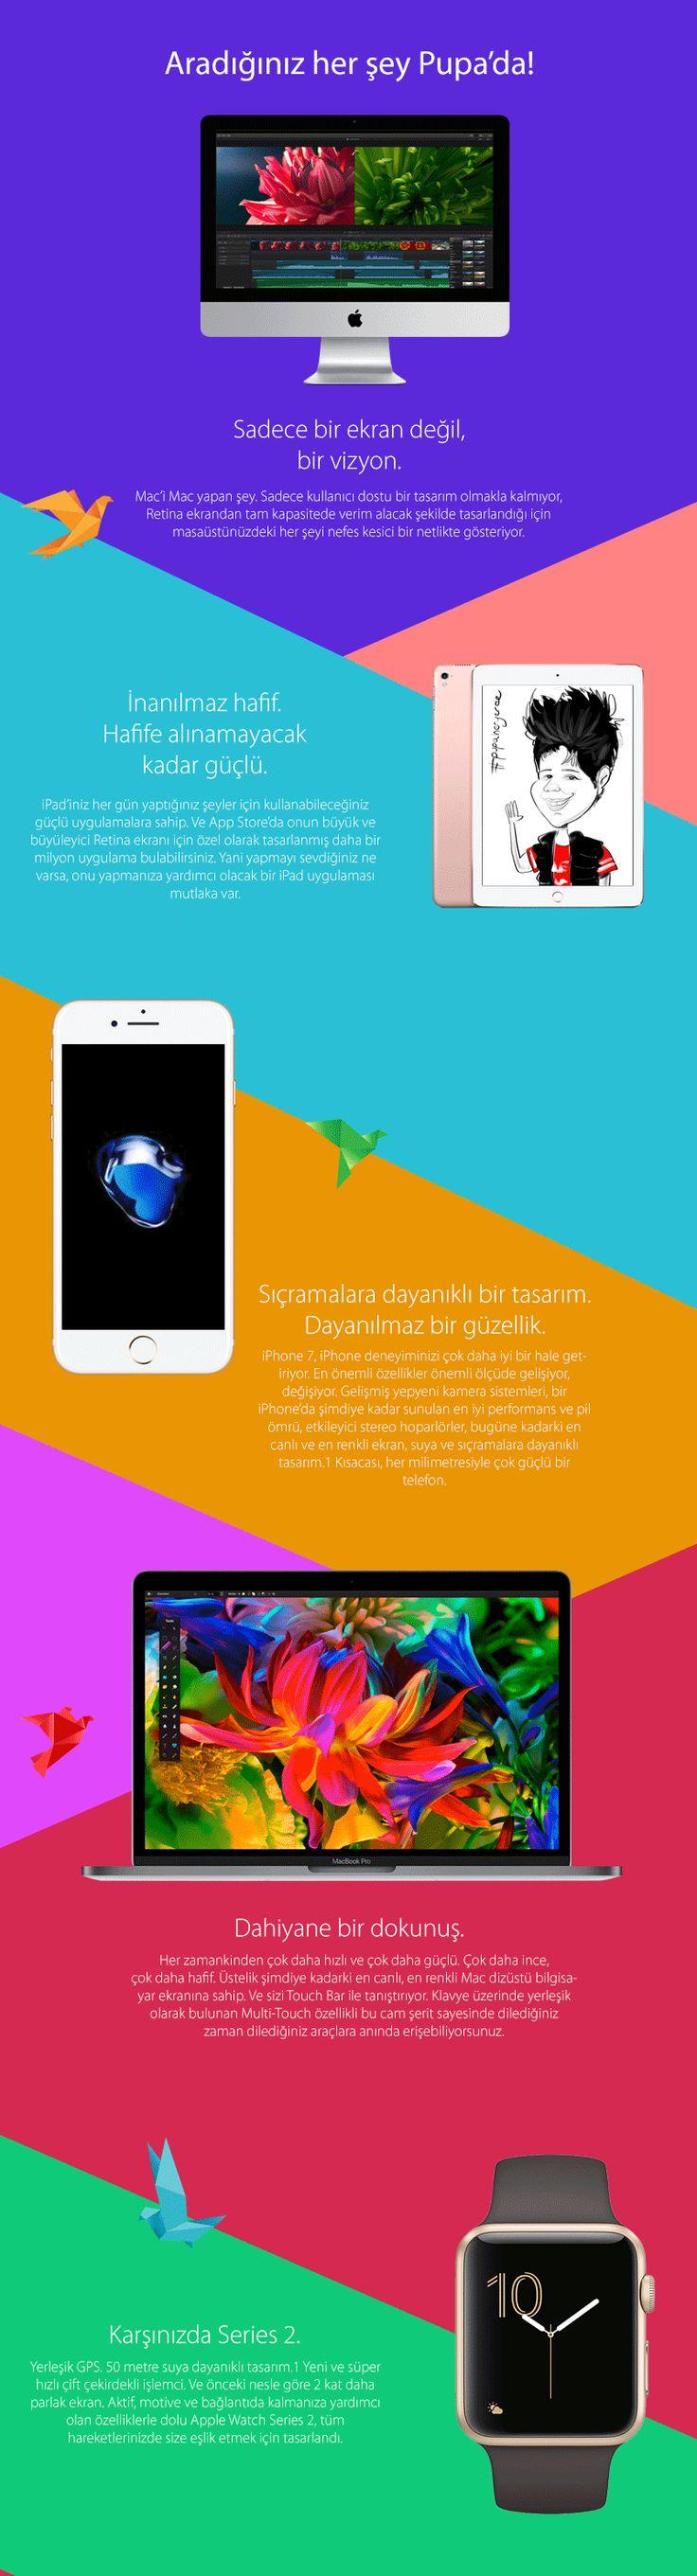 iPhone, iPad, Mac, Apple Watch; Apple ürünleri ile ilgili aradığınız her şey Pupa'da sizleri bekliyor!